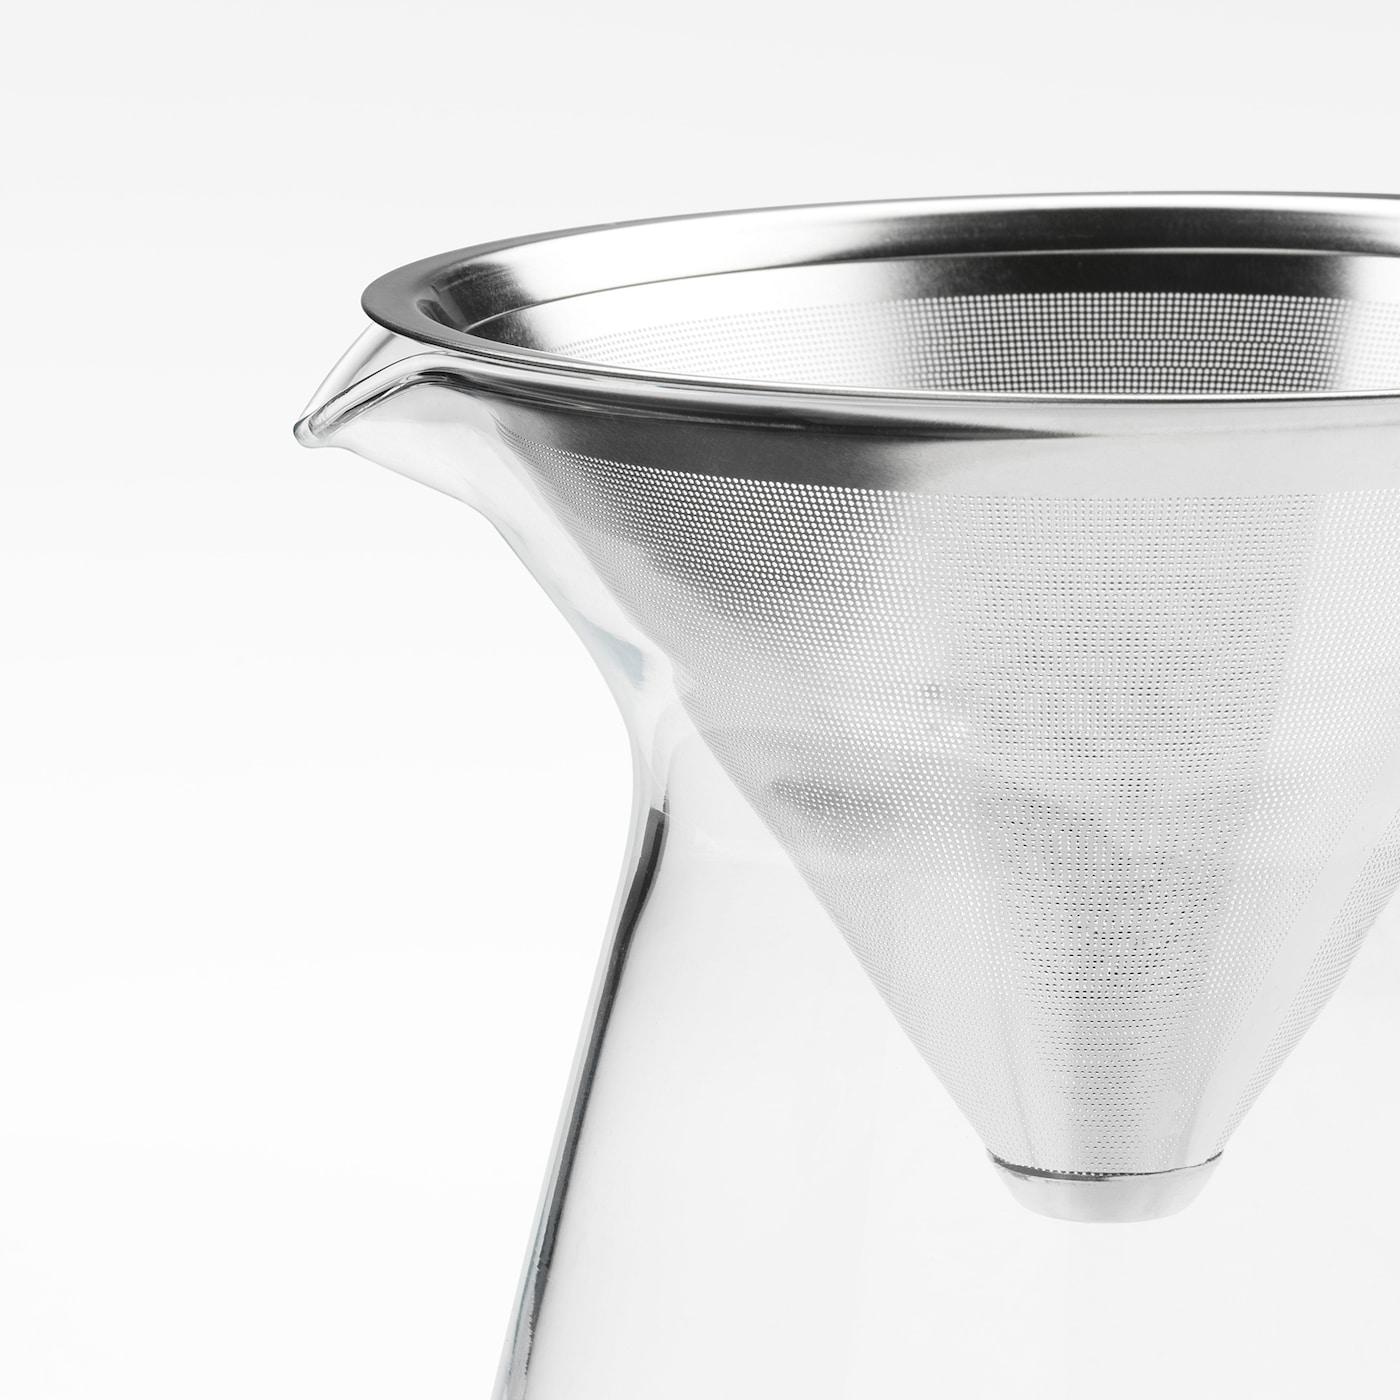 HÖGMODIG Koffiekan met filter, helder glas/roestvrij staal, 0.6 l